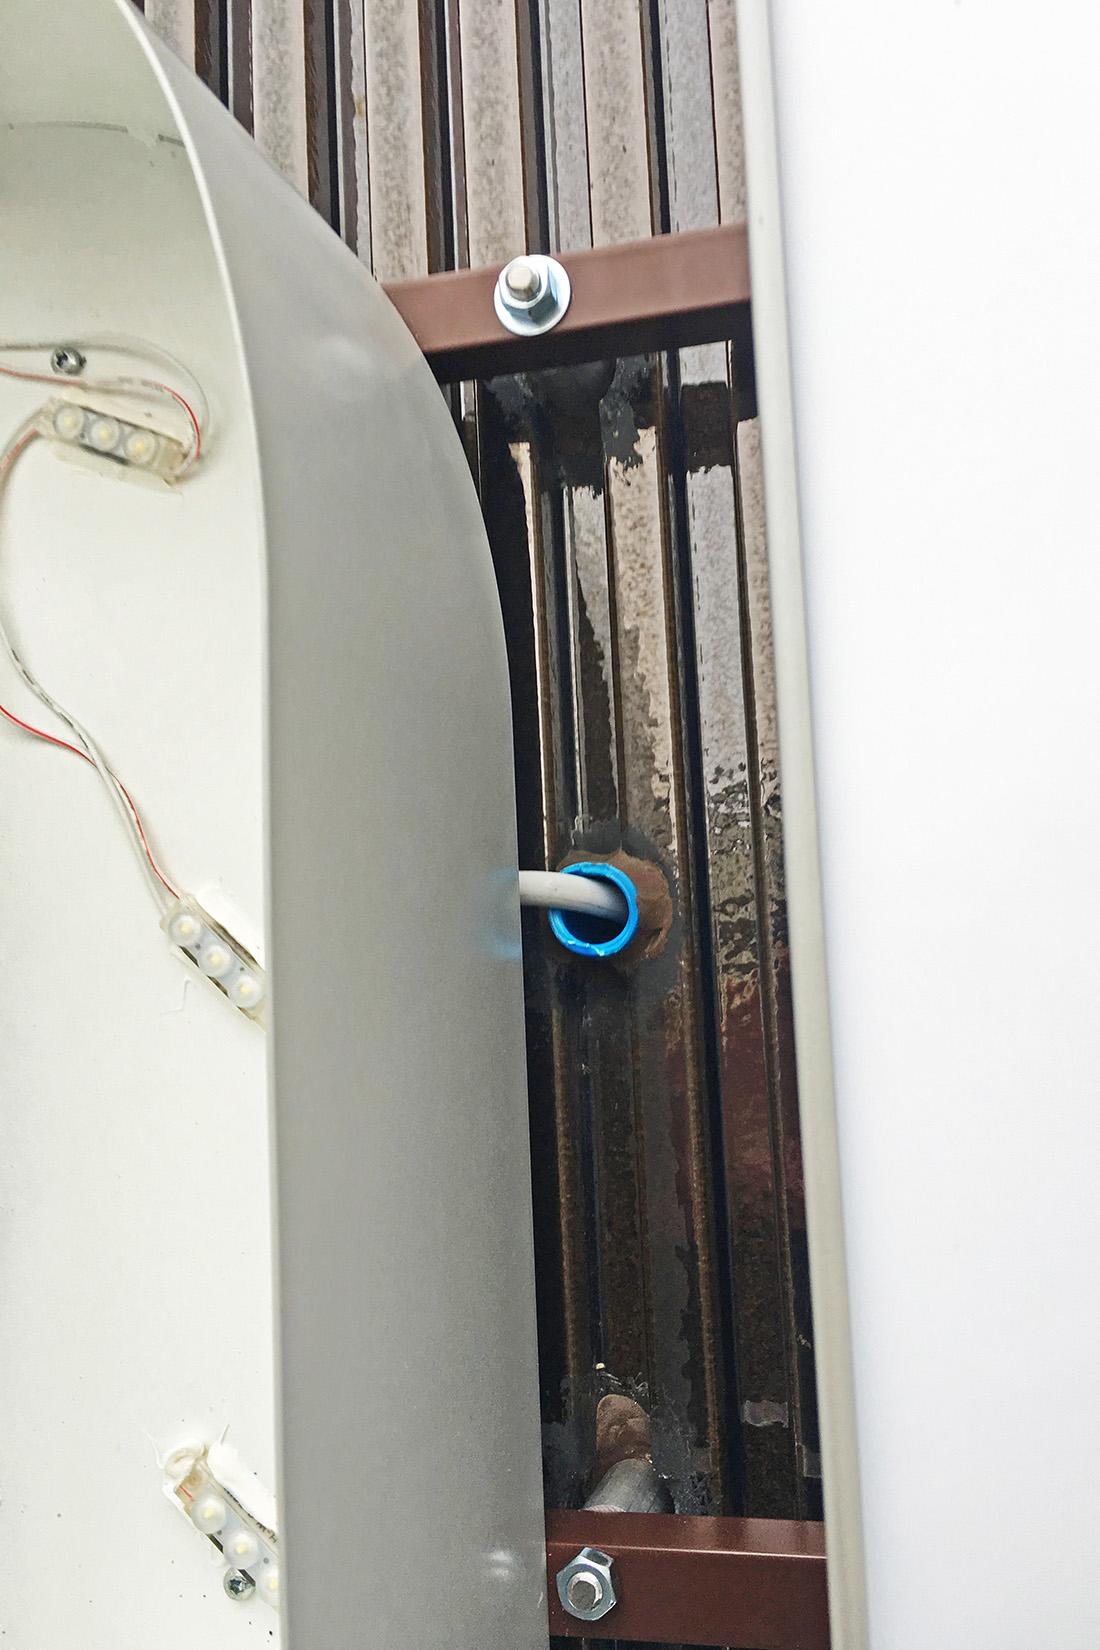 Detailansicht der LED-Leuchtschrift mit Stromanschluss aus der Wand.